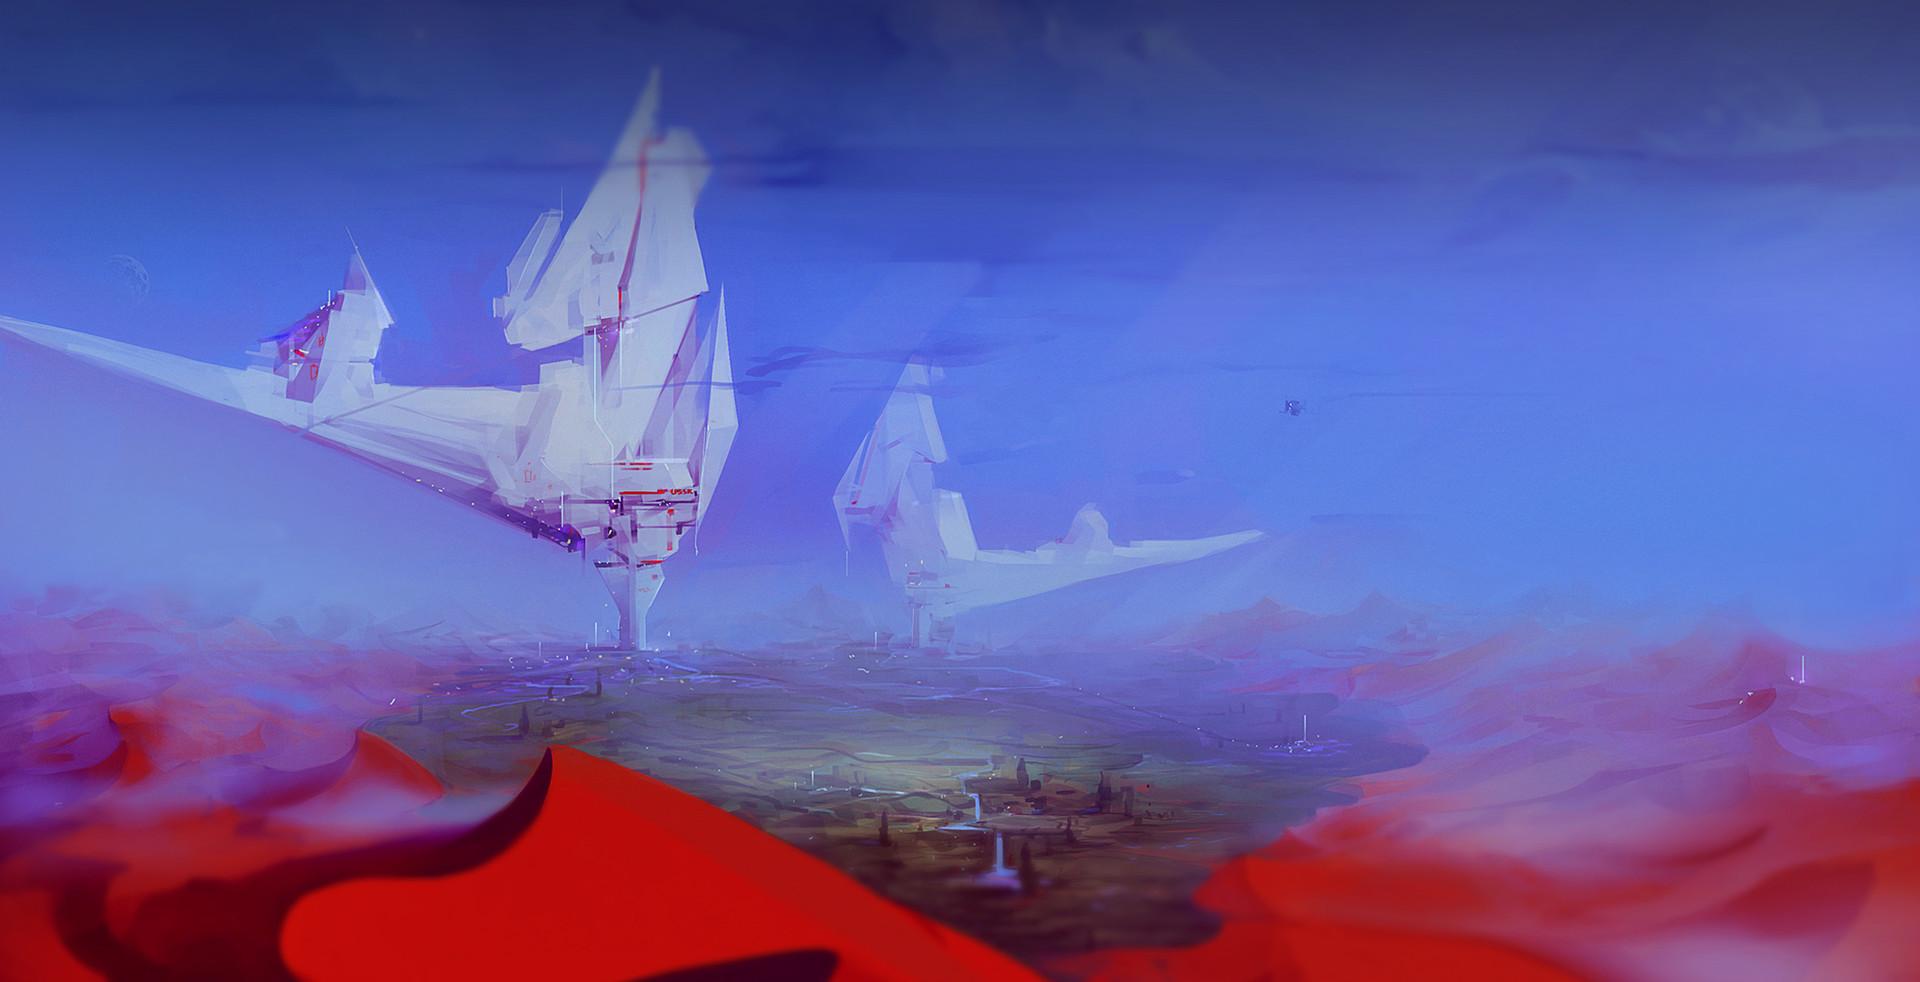 Yuriy romanyk environment desert scifi